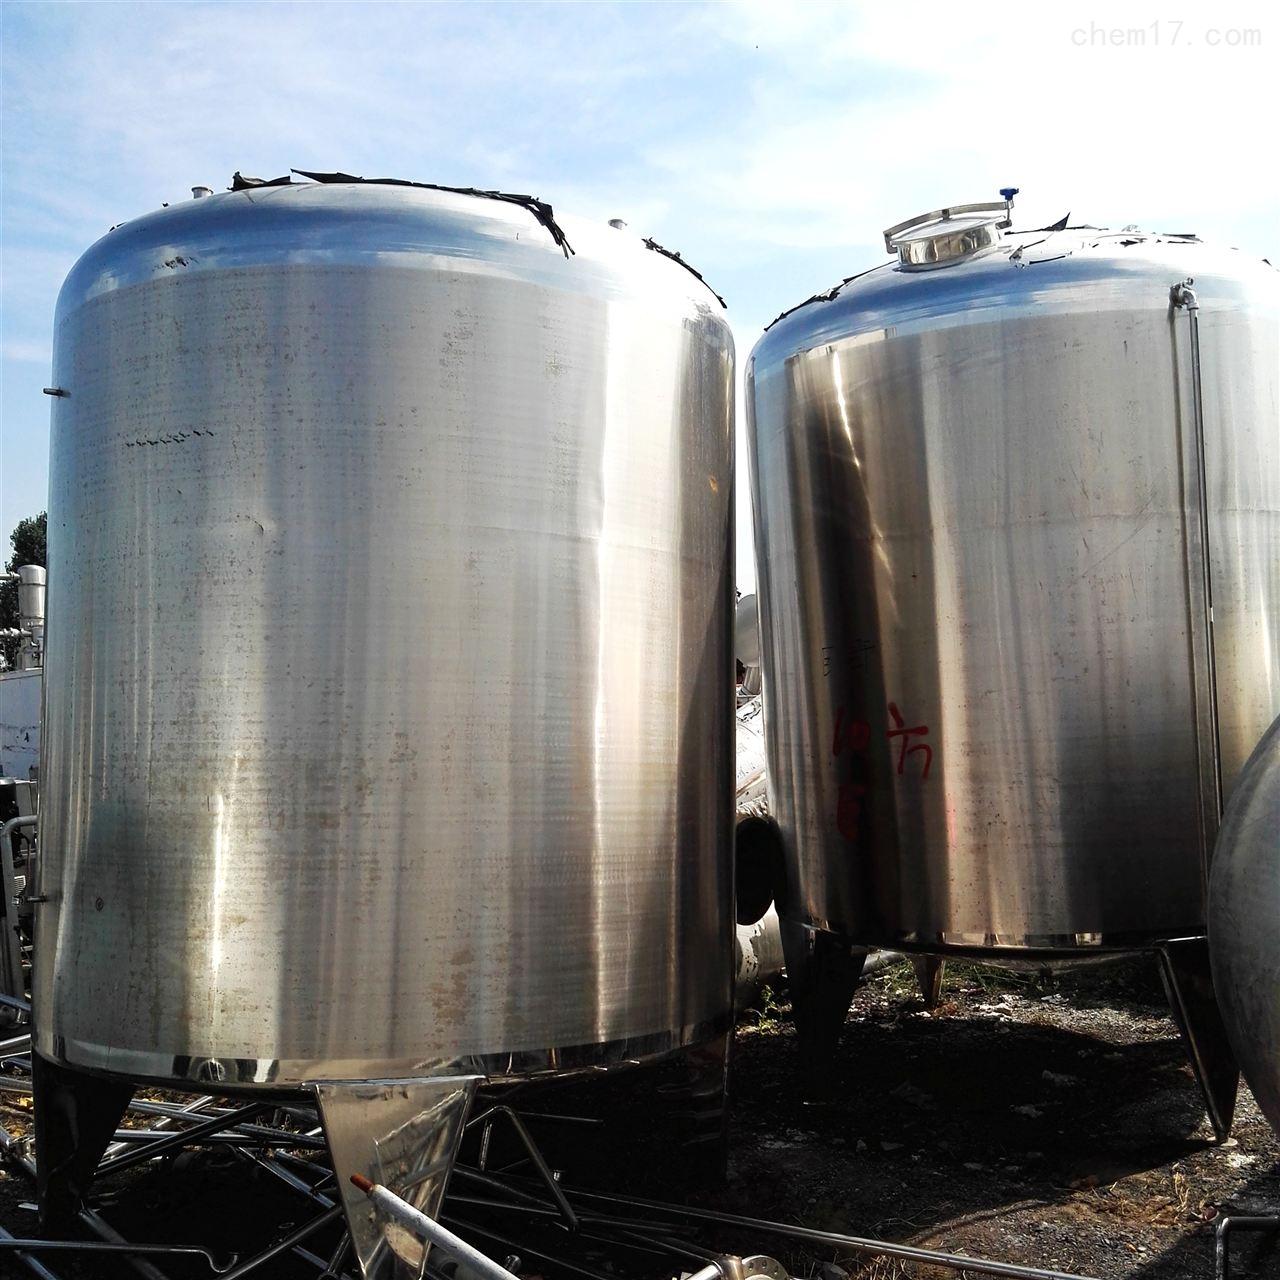 供应二手不锈钢储罐的公司